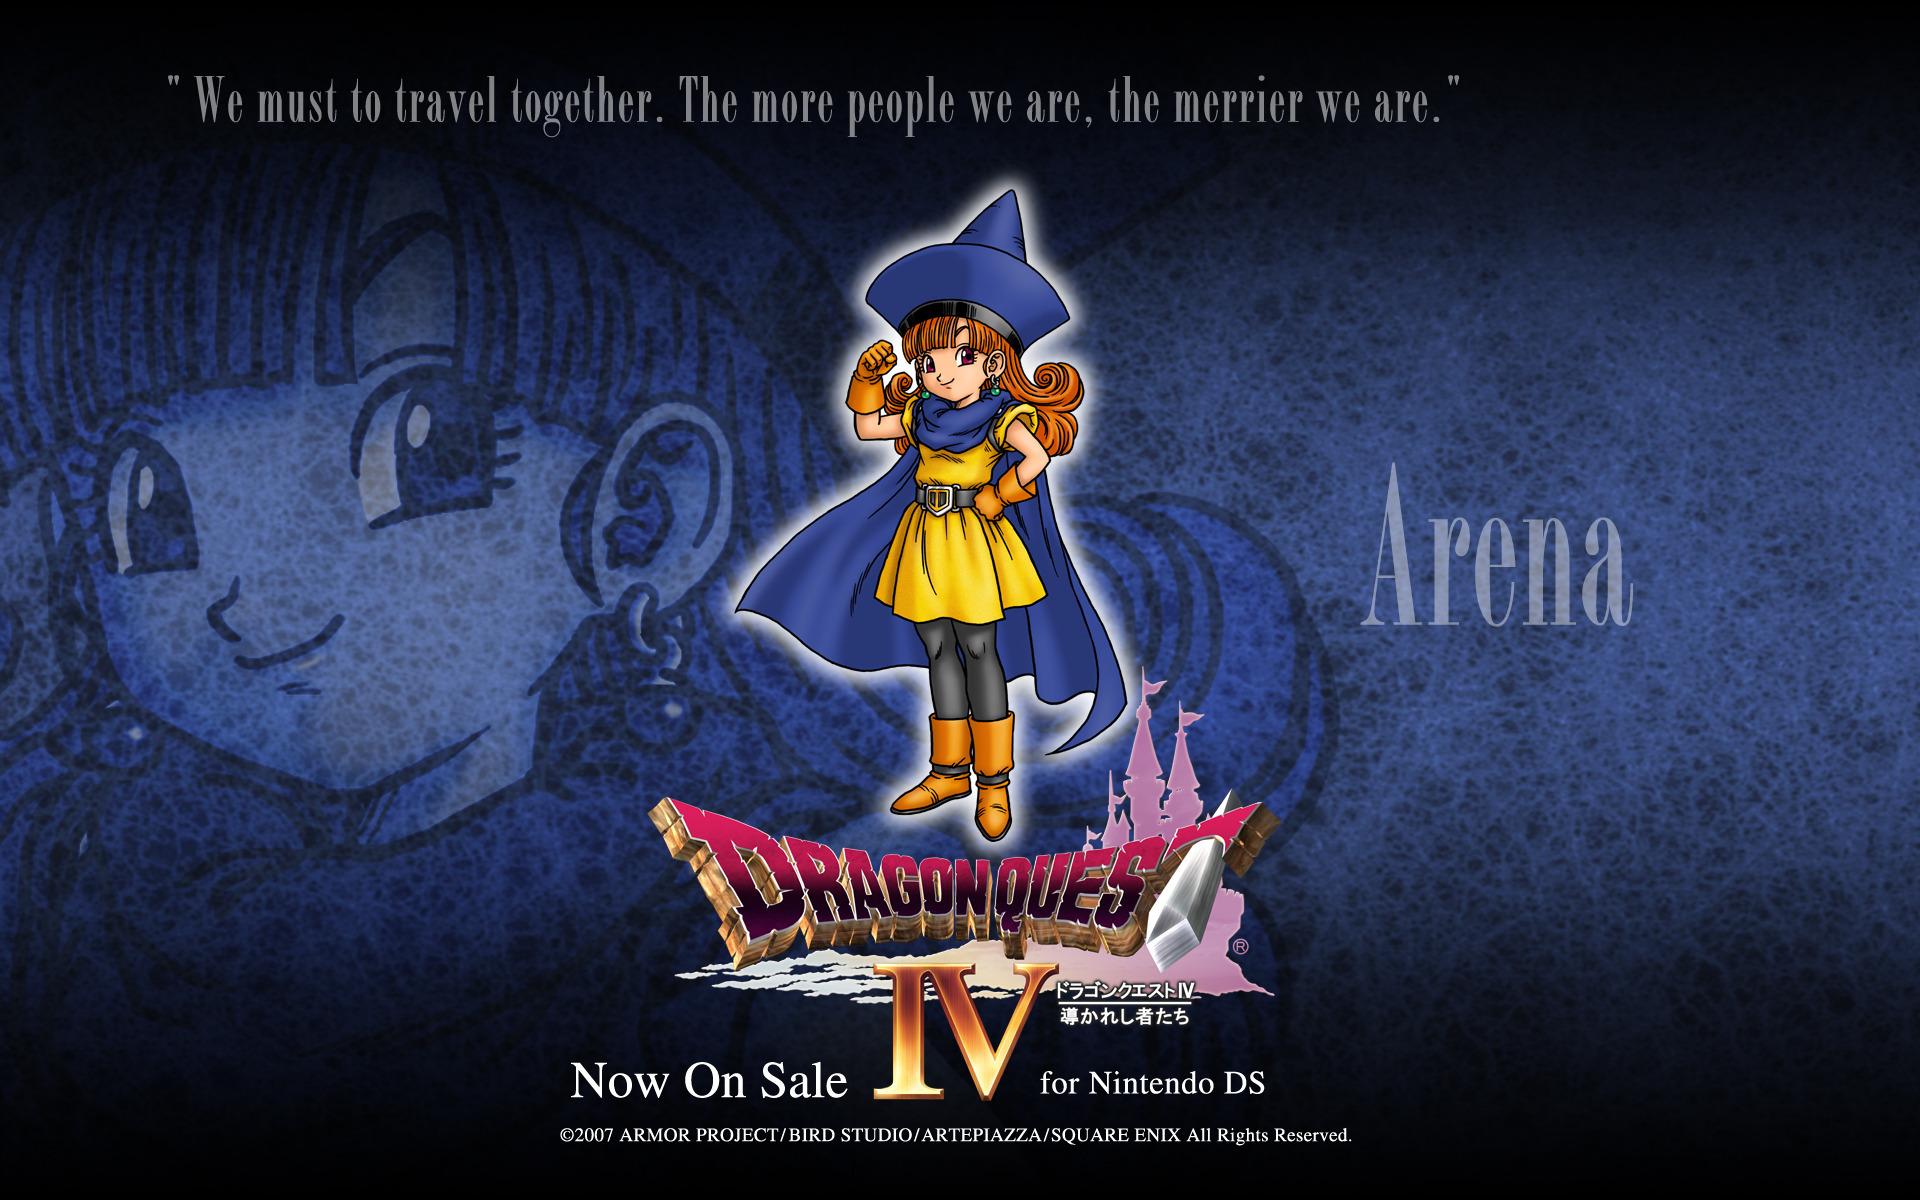 http://image.jeuxvideo.com/downloads/fonds-ecrans-wallpaper/00003253/dragon-quest-l-epop-e-des-elus-9946-wp.jpg